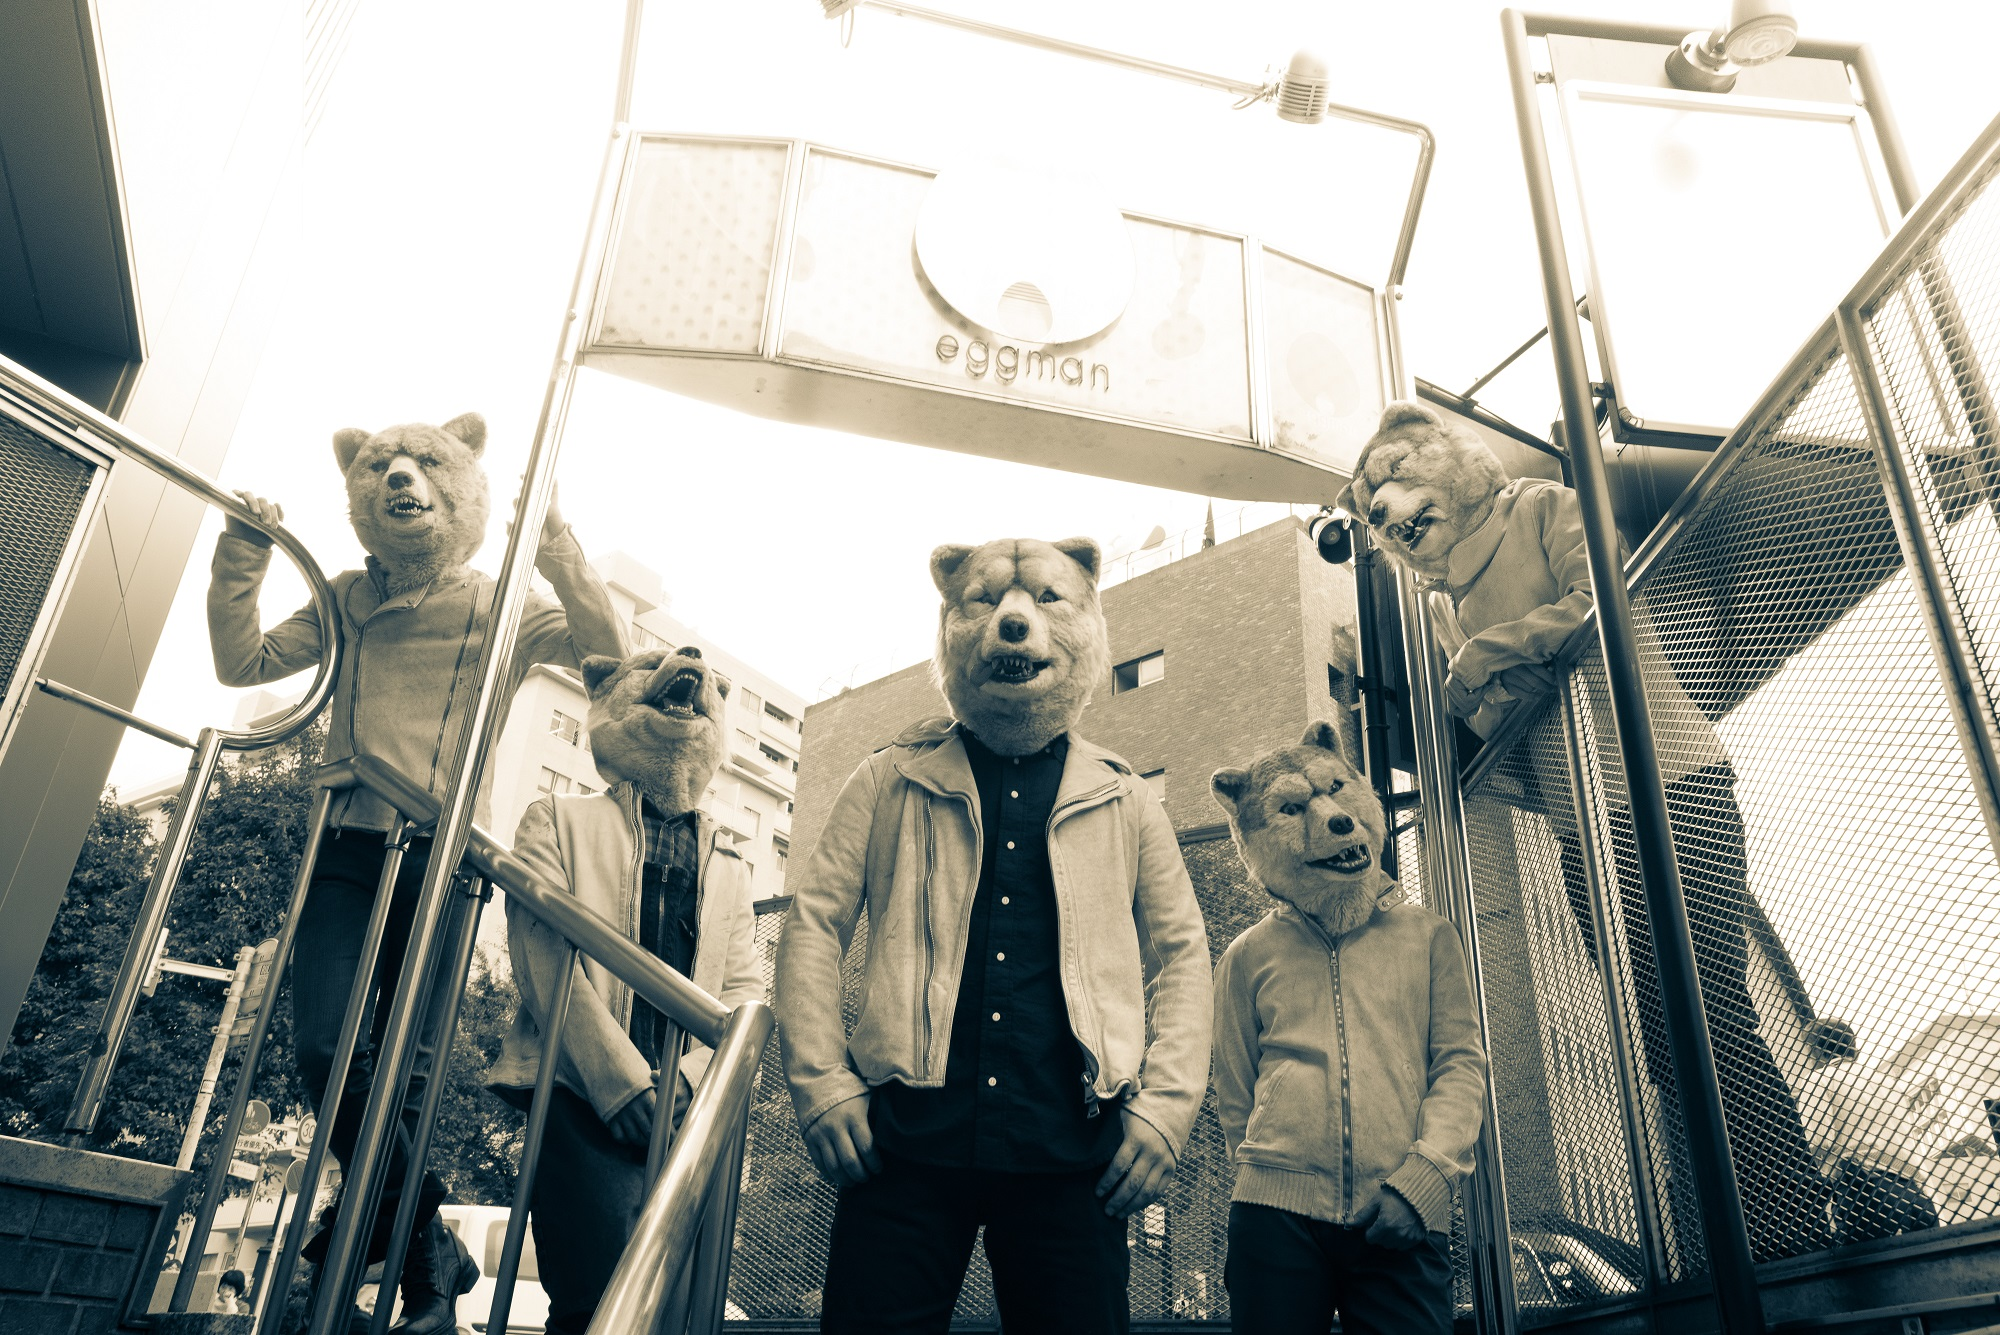 【海外反応】ベスト盤のリリースも決定!オオカミバンド・MAN WITH A MISSIONの海外での評価とは?サムネイル画像